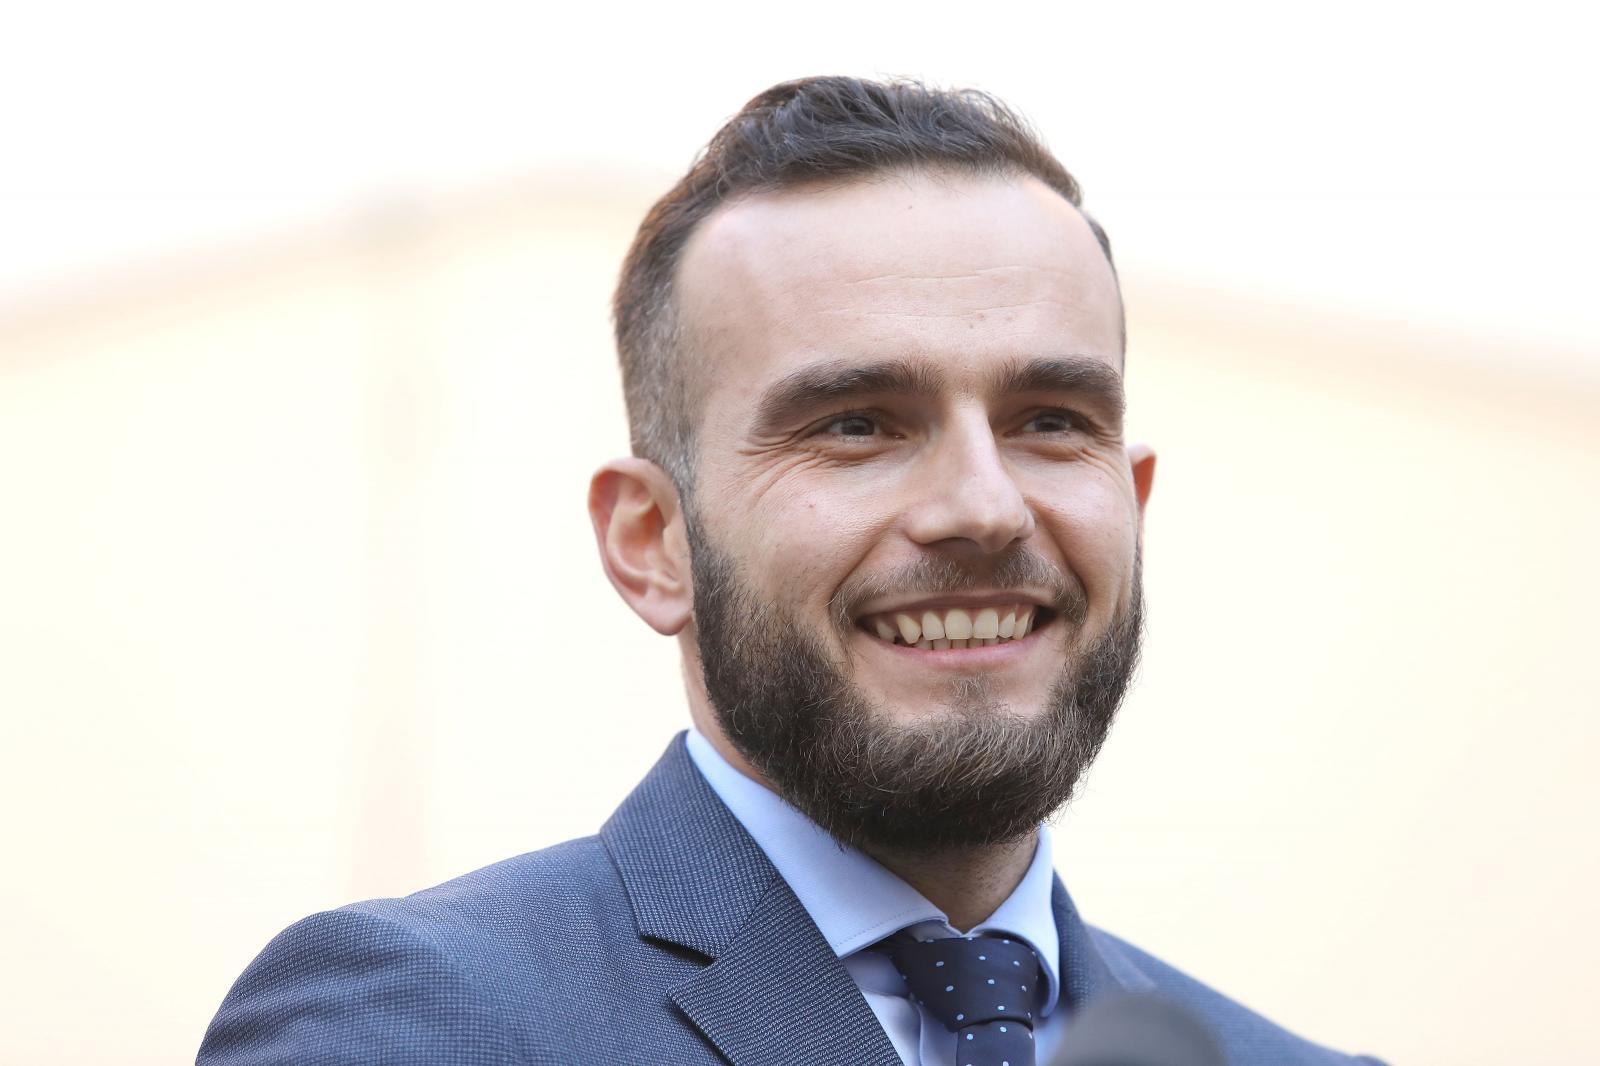 KAKO SE OSOKOLIO! Aladrović vratio Milanoviću: Neka javnost procijeni hoće li me doživljavati kao pudlicu, nekog malo većeg psa ili lava